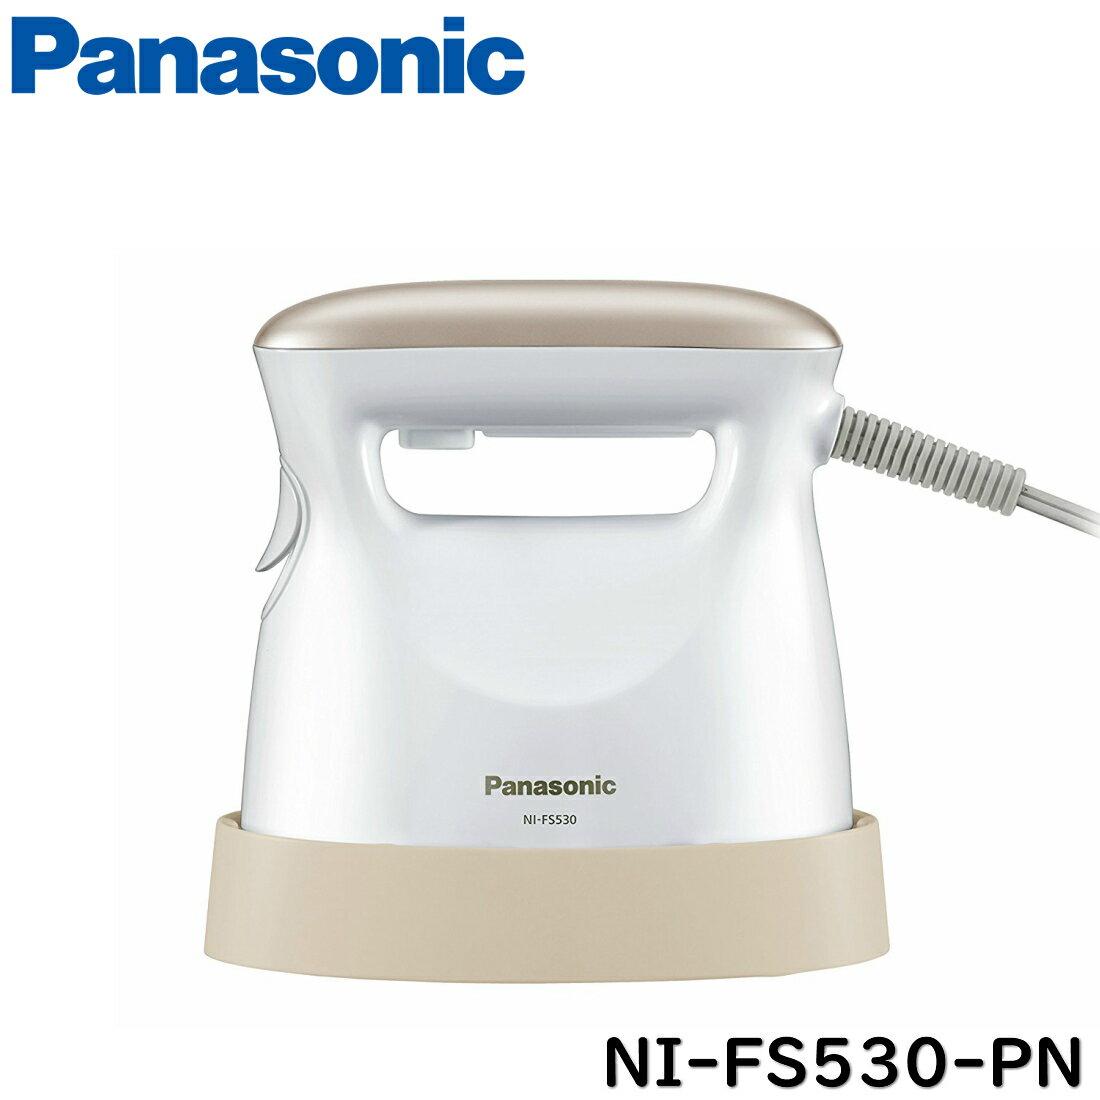 パナソニック 衣類スチーマー NI-FS530-PN (ピンクゴールド調) スチームアイロン スチームアンドプレス ハンディ ガーメントスチーマー 2in1 アイロン